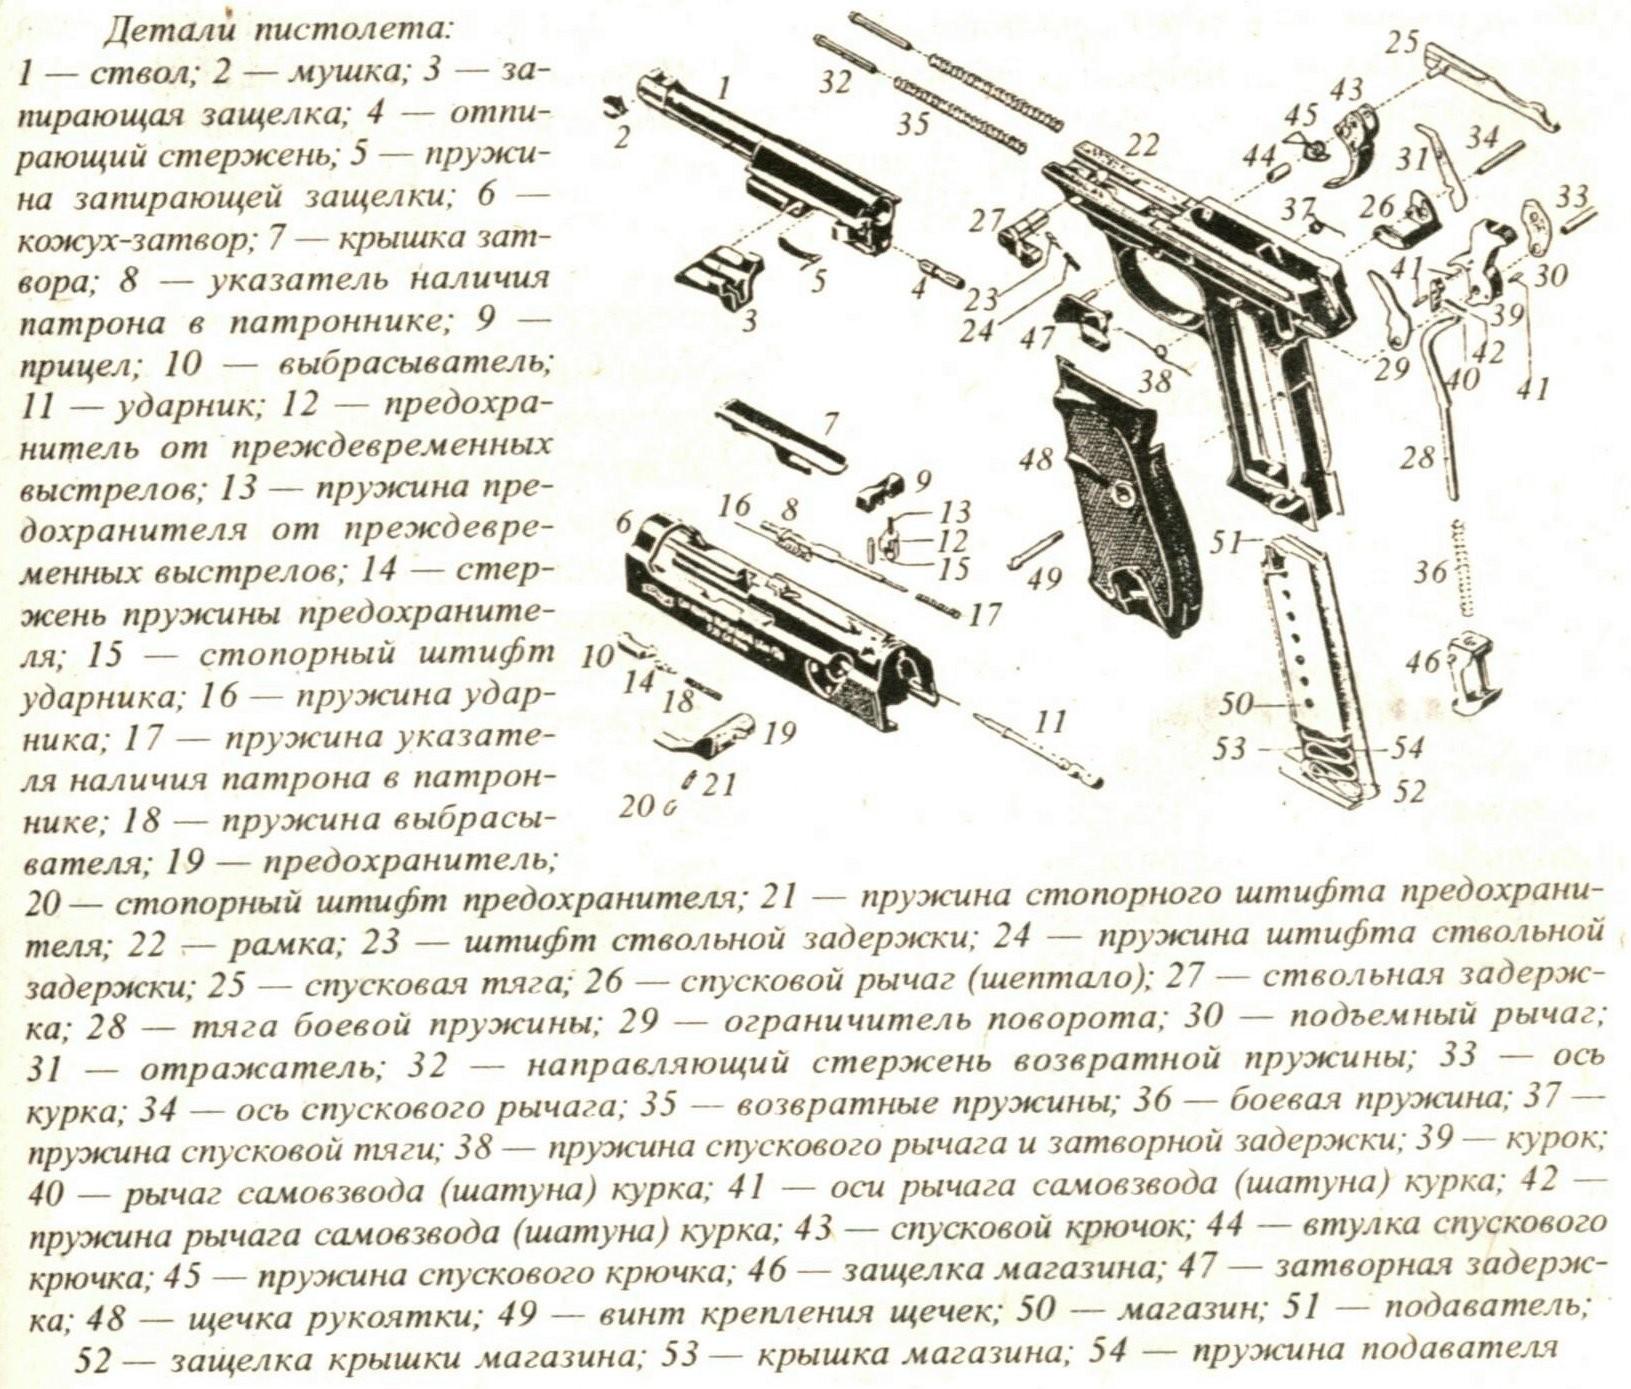 схема запирания ствола в пистолете вальтр p38